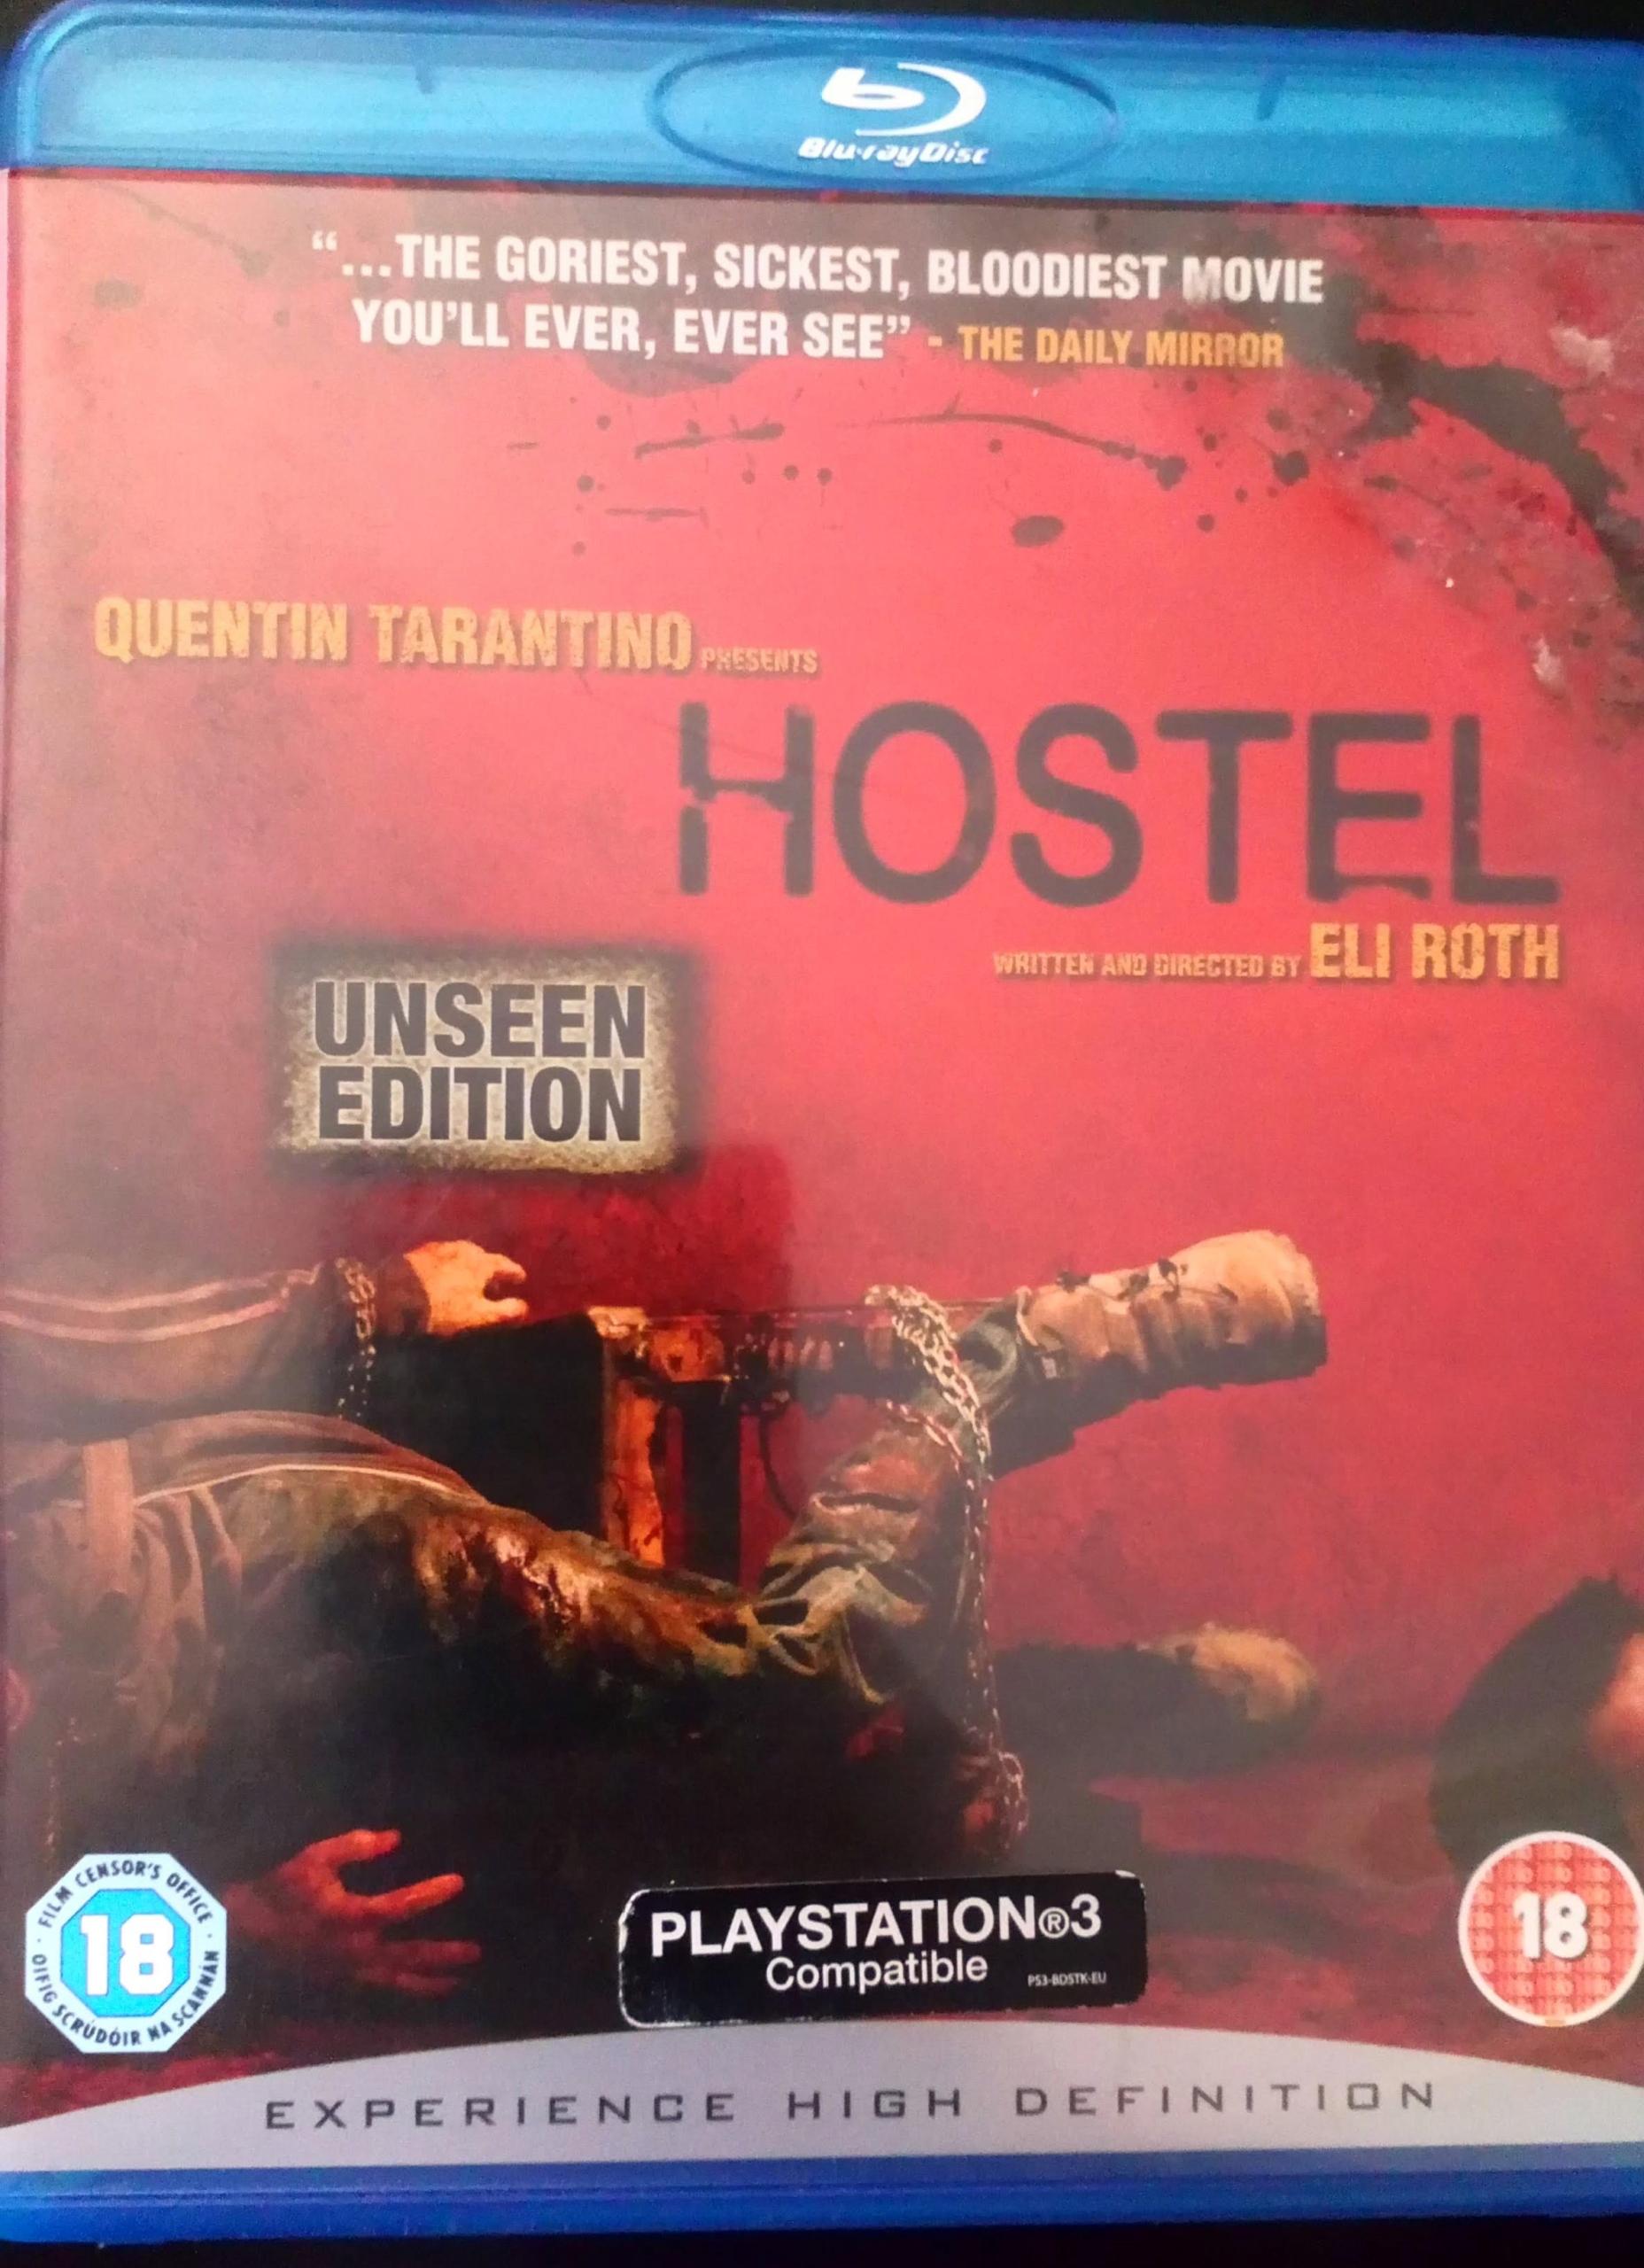 HOSTEL FILM BLU RAY HORROR WYDANIE NIEOCENZUROWANE